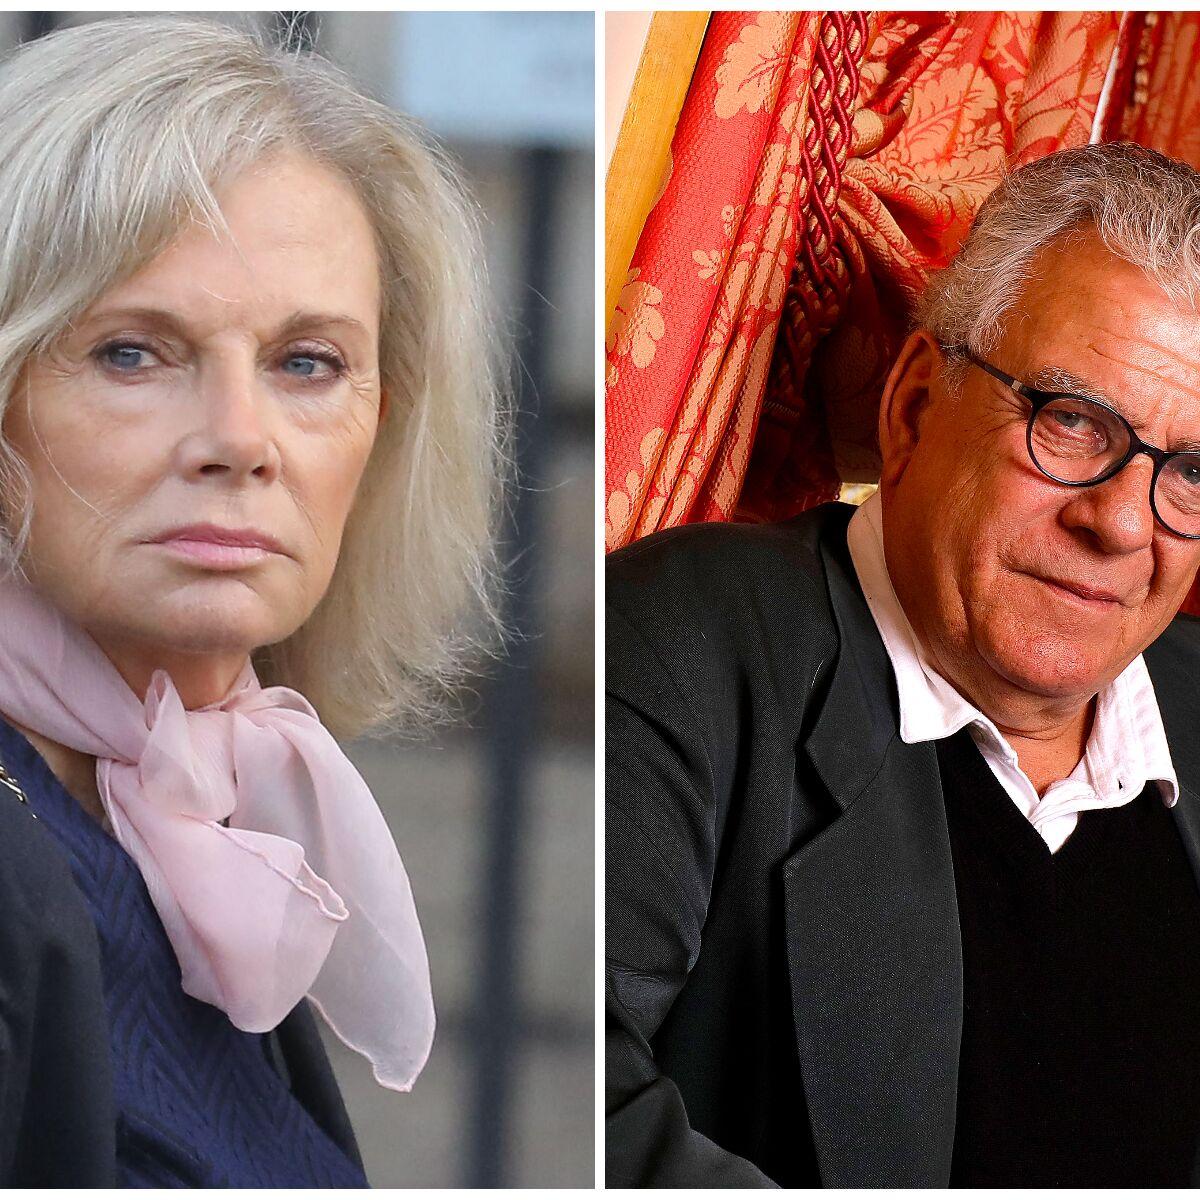 La commission pour lutter contre l'inceste sera présidée par Elisabeth Guigou, proche du pédophile Olivier Duhamel